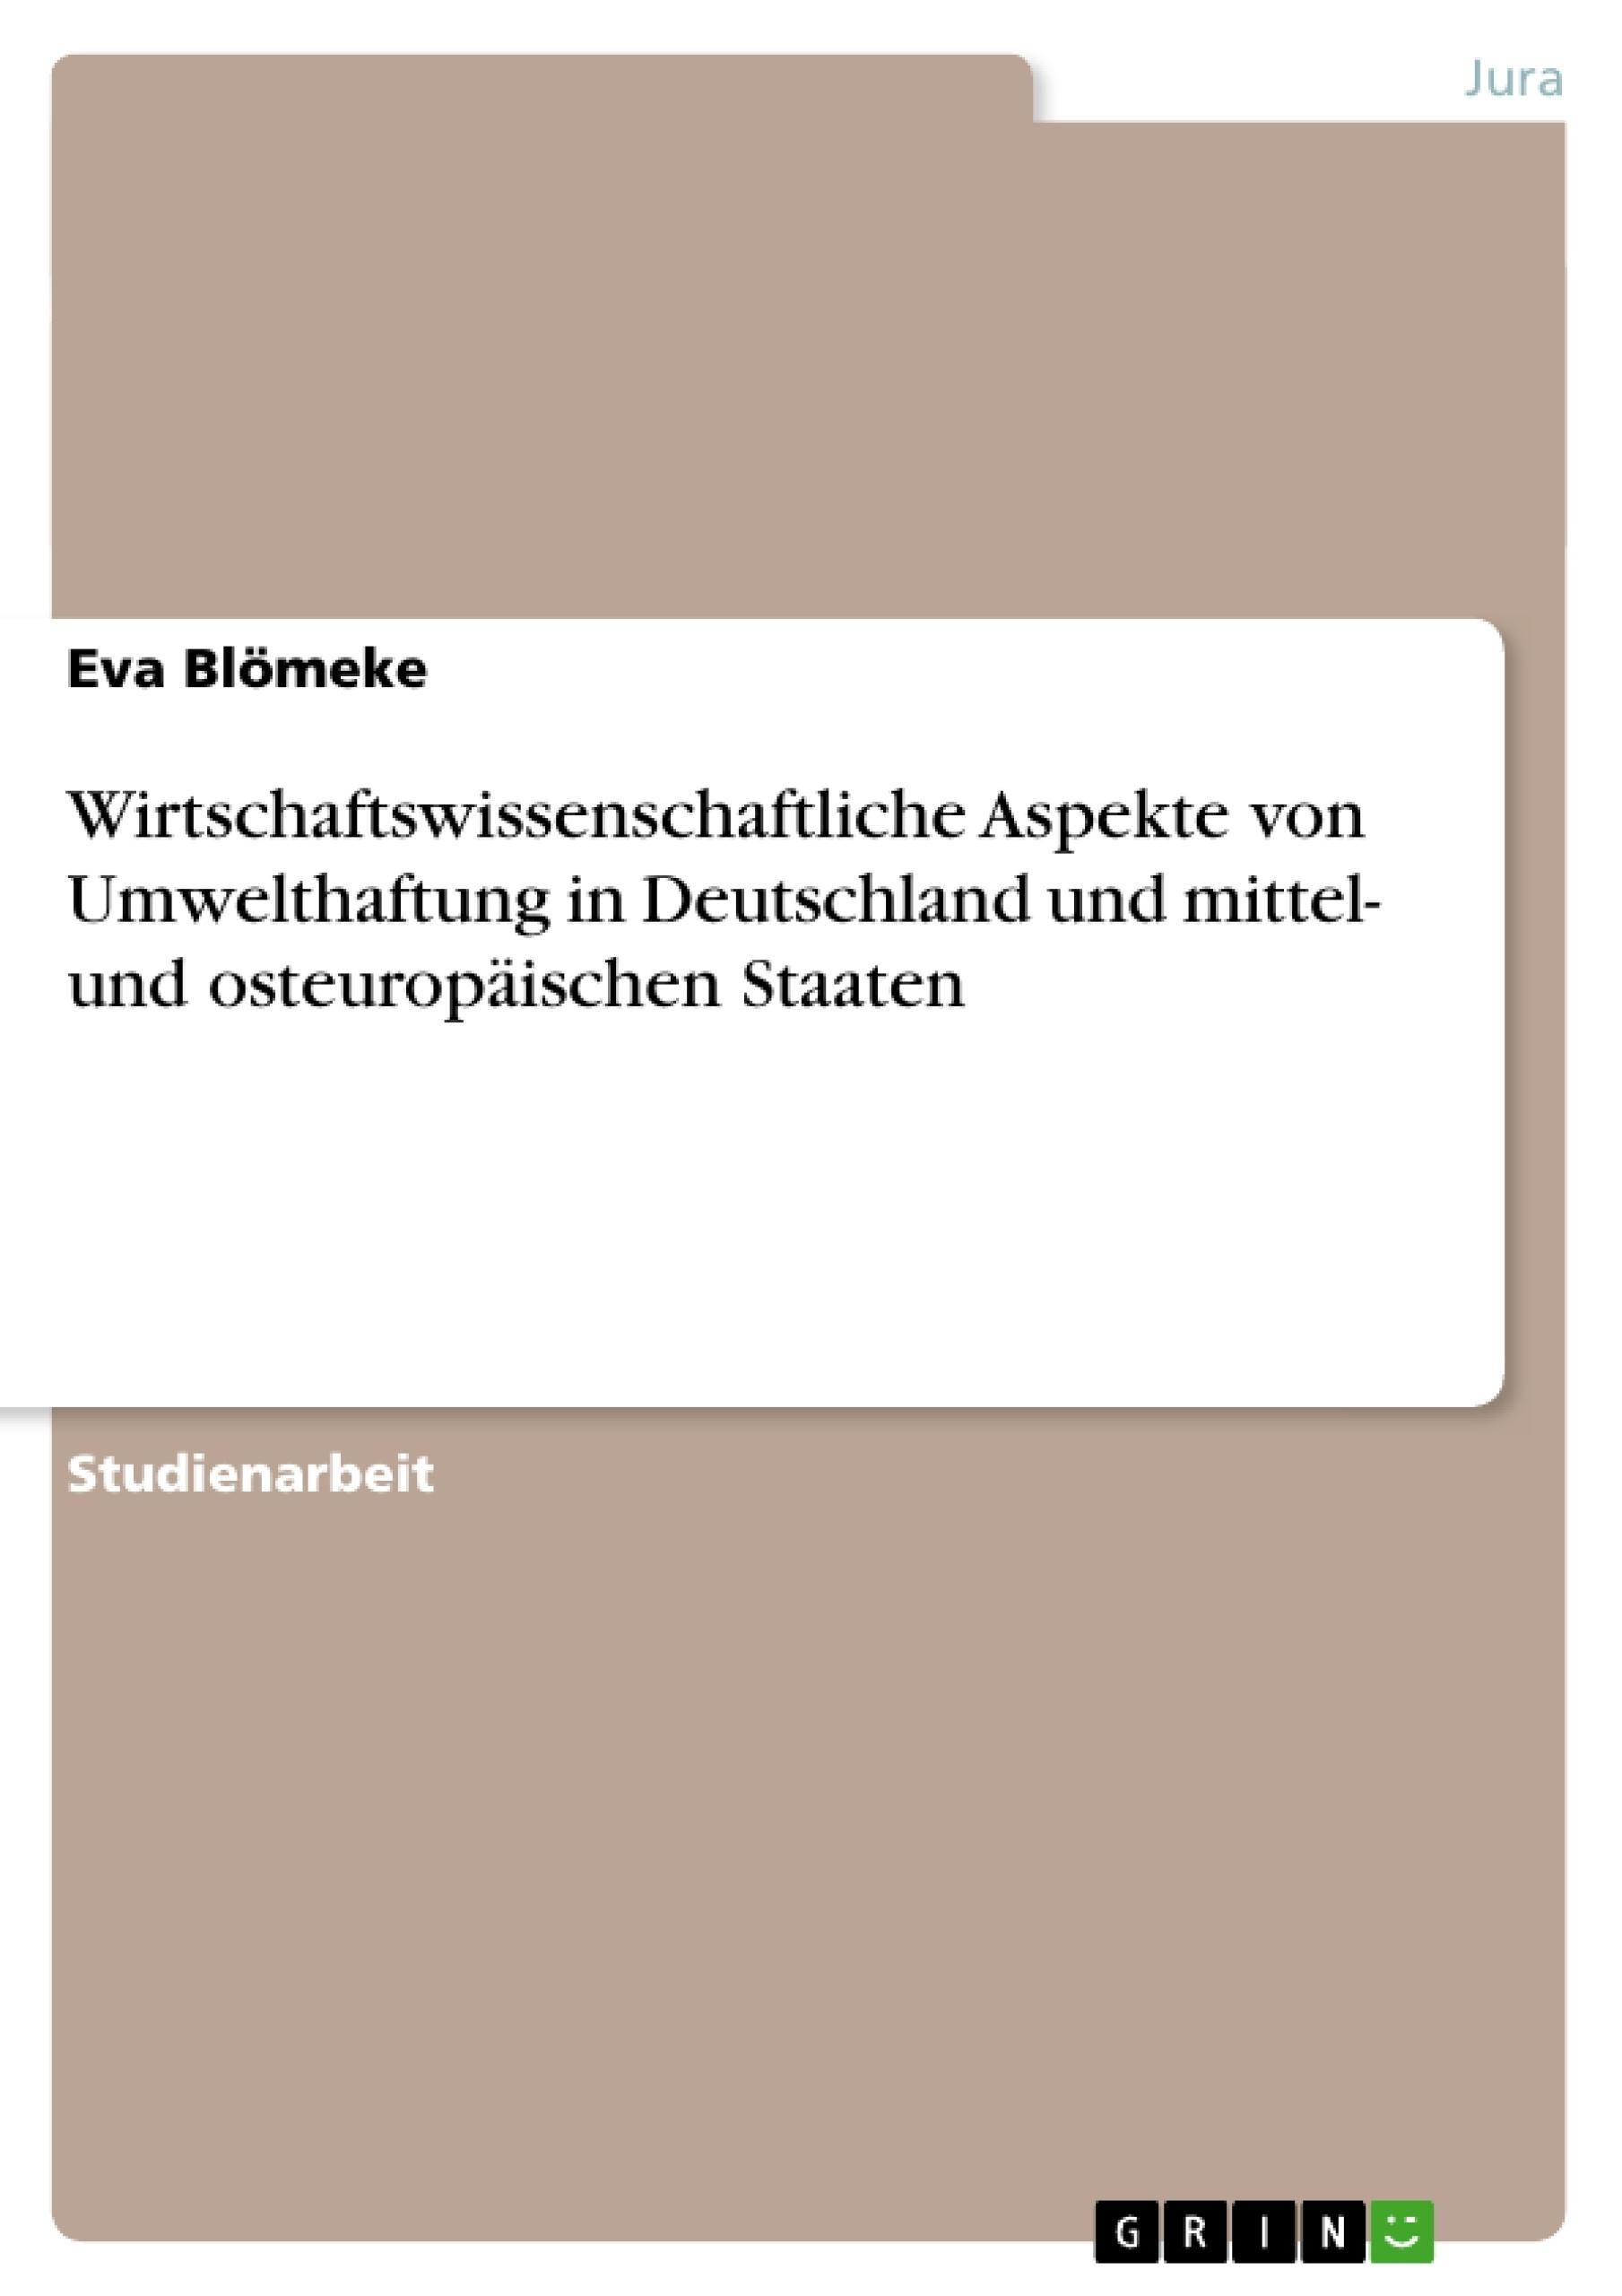 Titel: Wirtschaftswissenschaftliche Aspekte von Umwelthaftung in Deutschland und mittel- und osteuropäischen Staaten